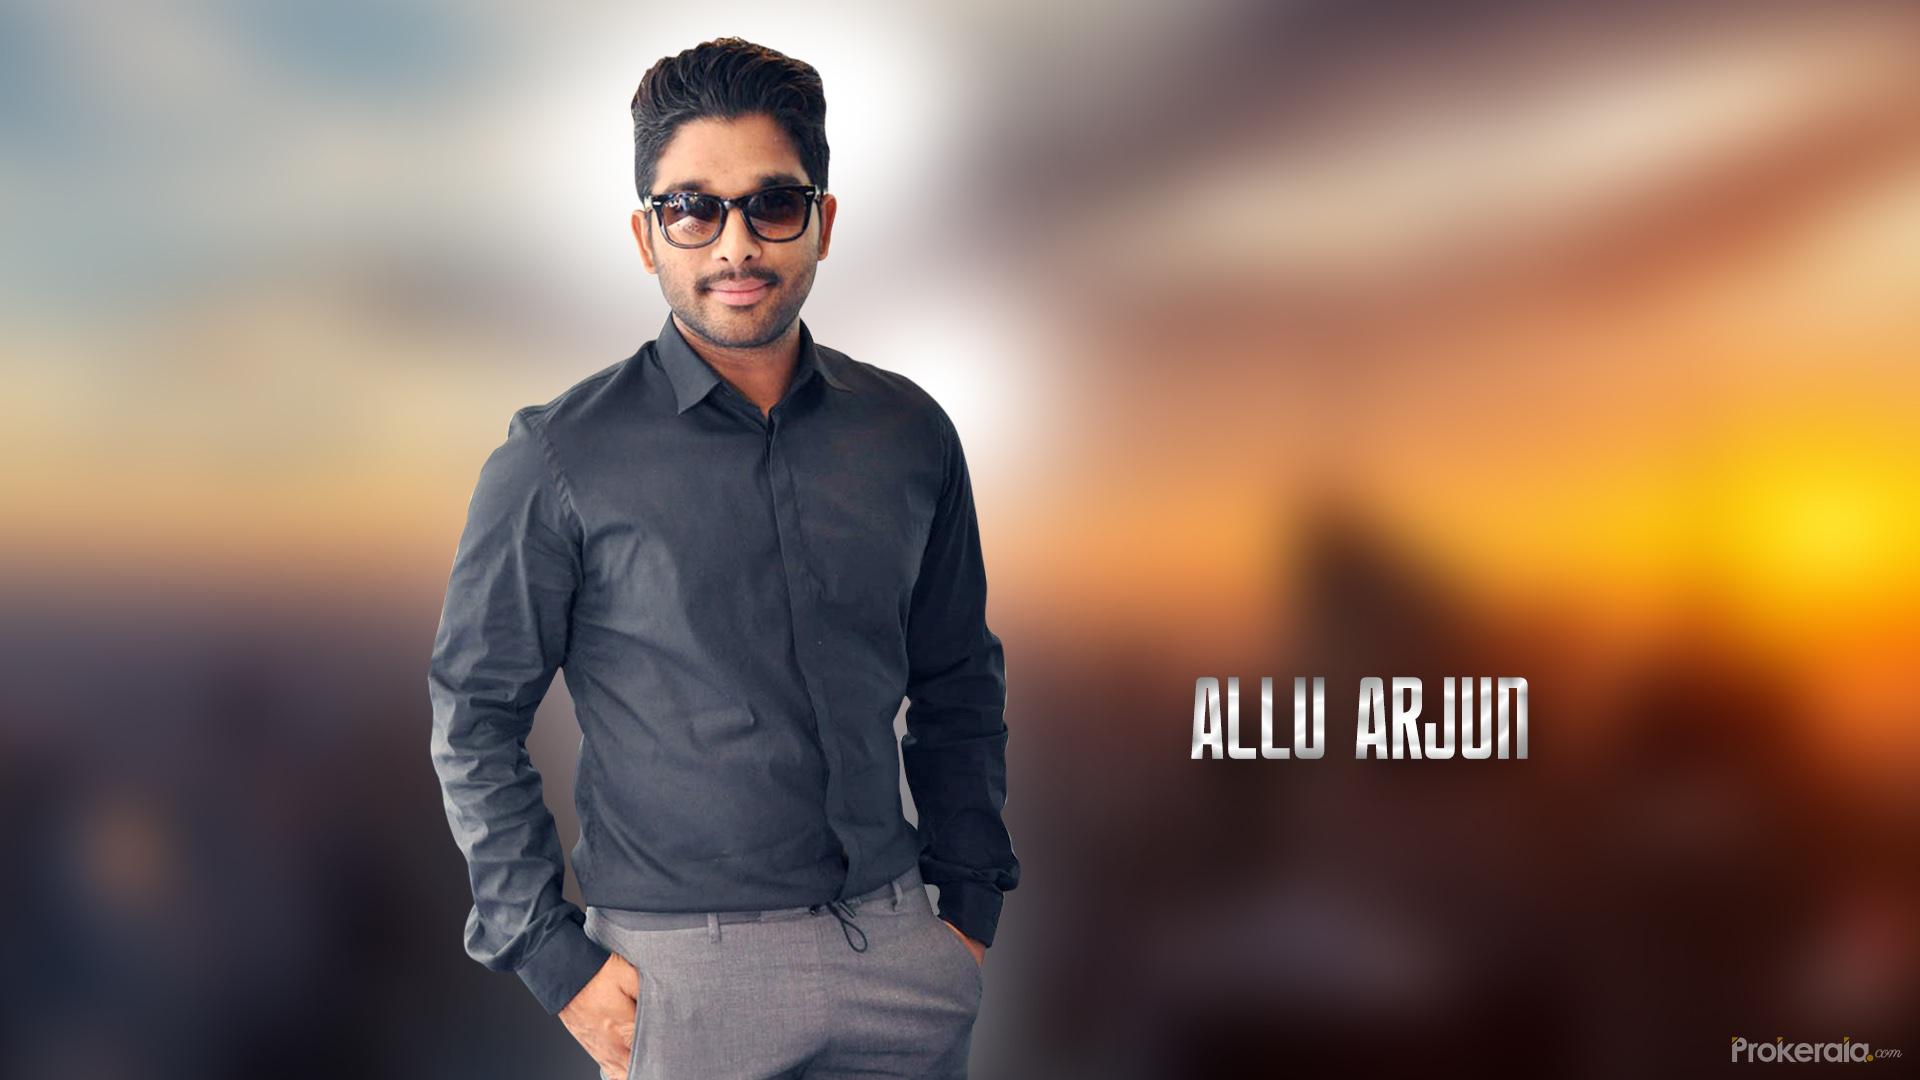 Allu Arjun Wallpaper